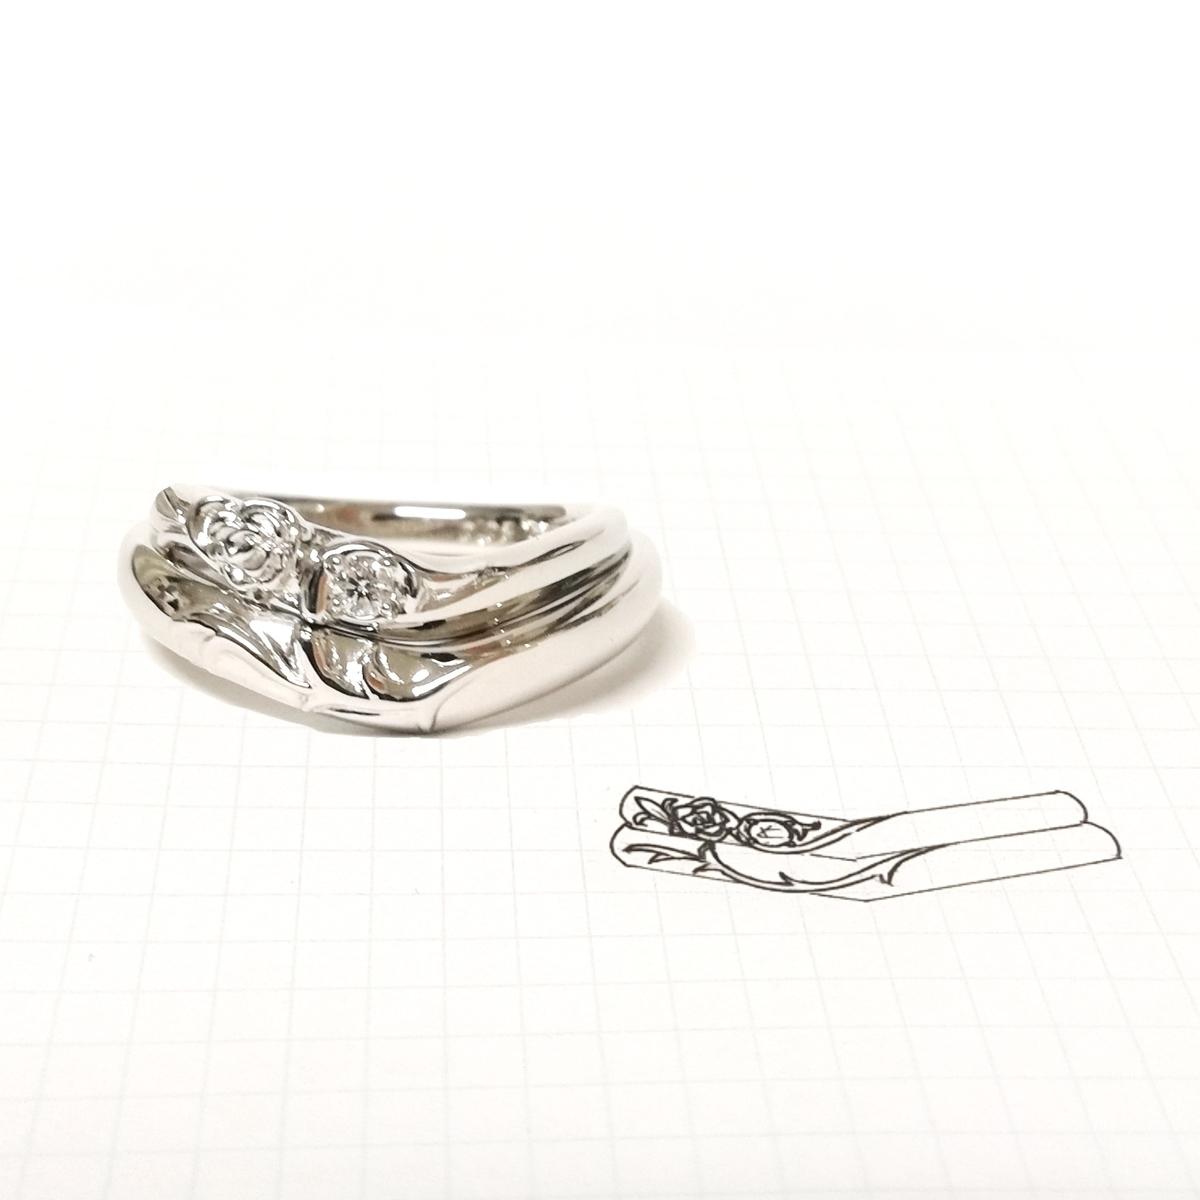 f:id:snow-jewelry-terrace:20200922205834j:plain